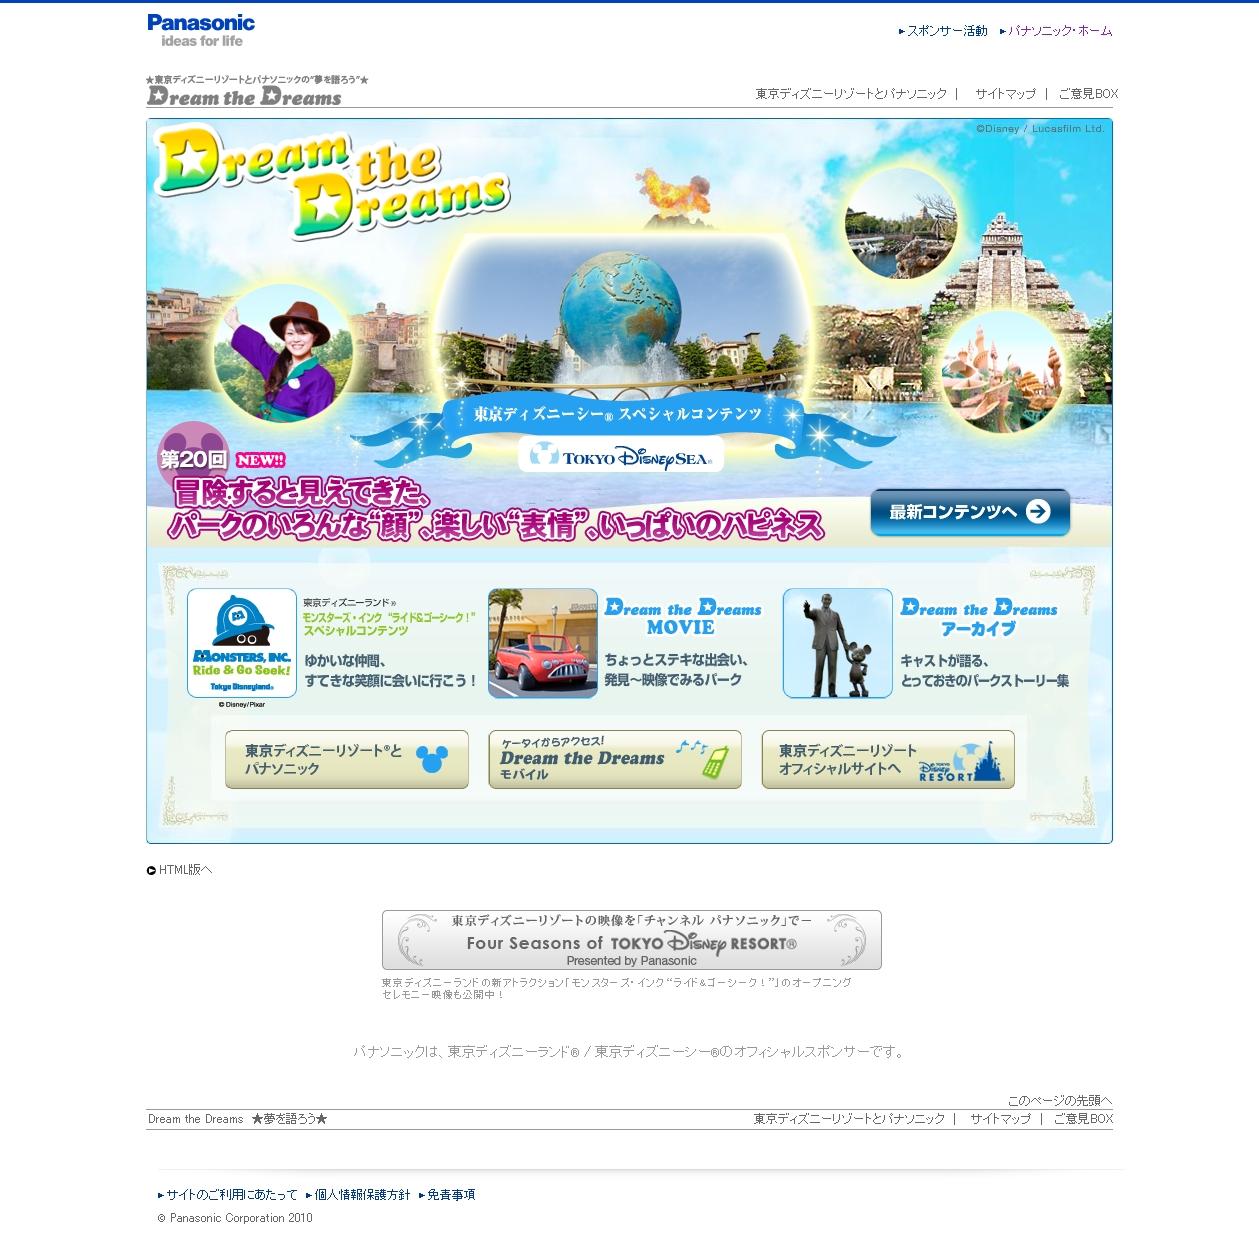 """東京ディズニーリゾート(R)とパナソニックの""""夢を語ろう"""" Dream the Dreams"""